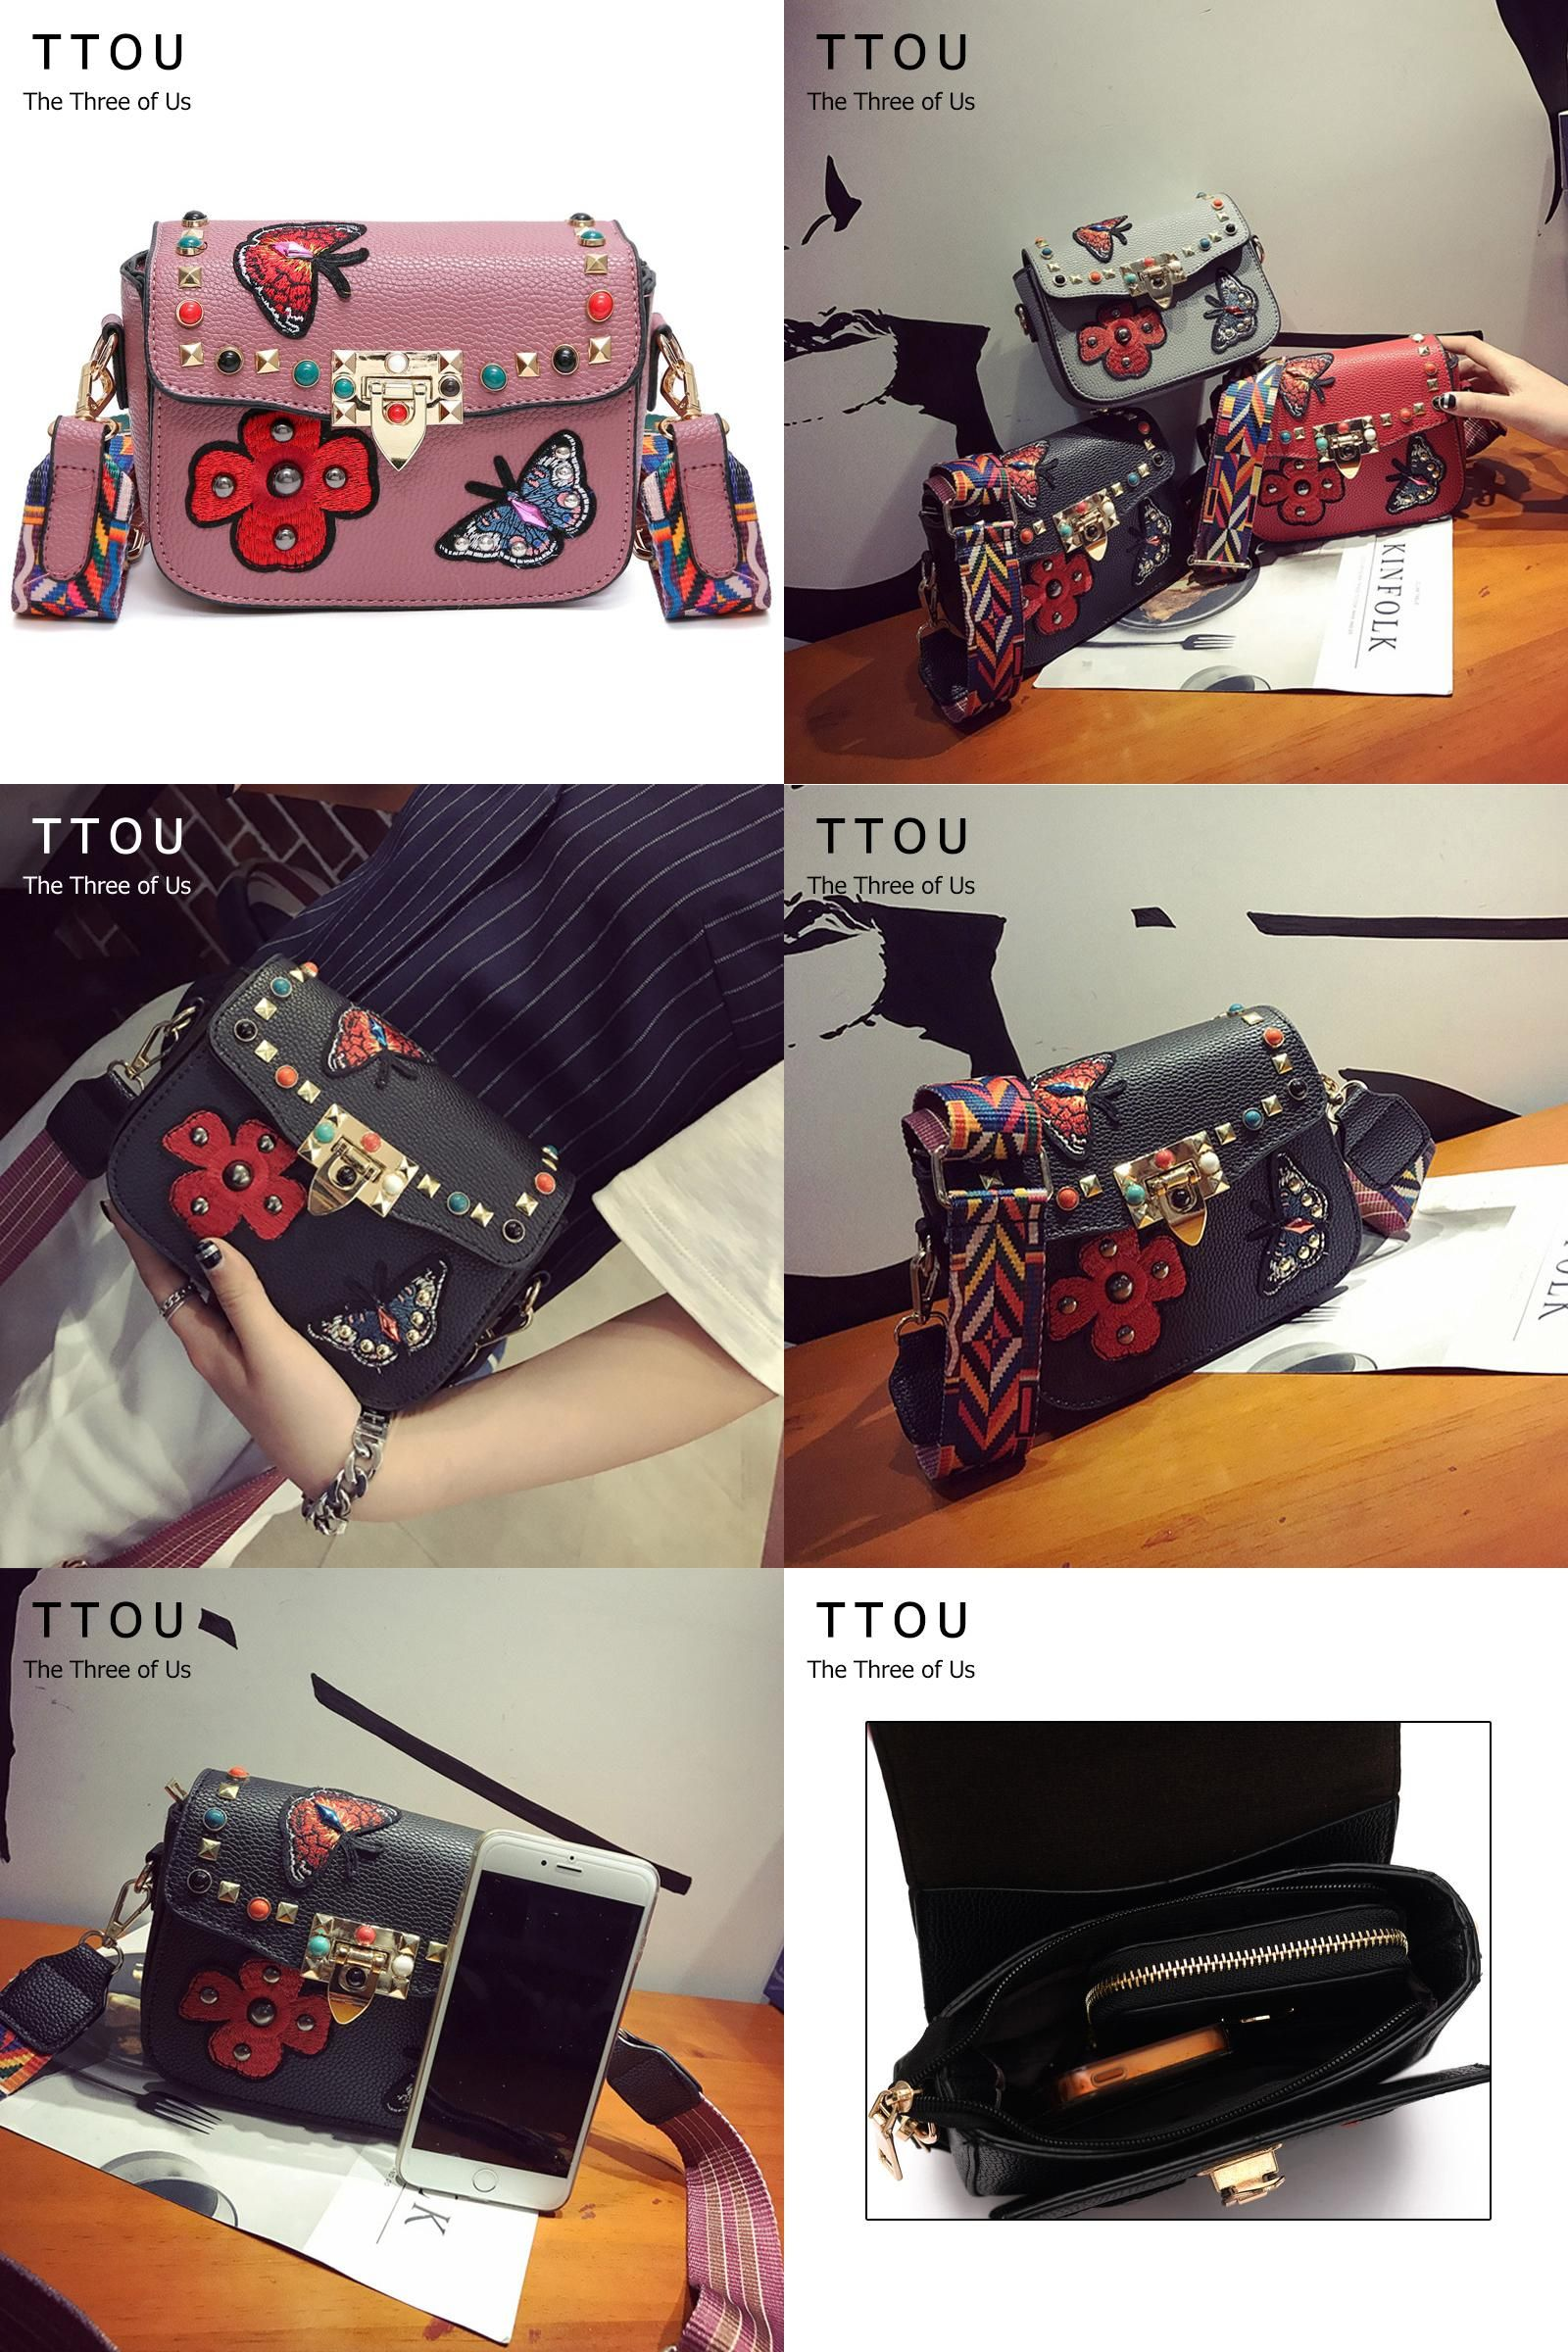 a7862f2a2722 Visit to Buy] TTOU NEW Arrival Floral Designer Women Shoulder Bag PU ...